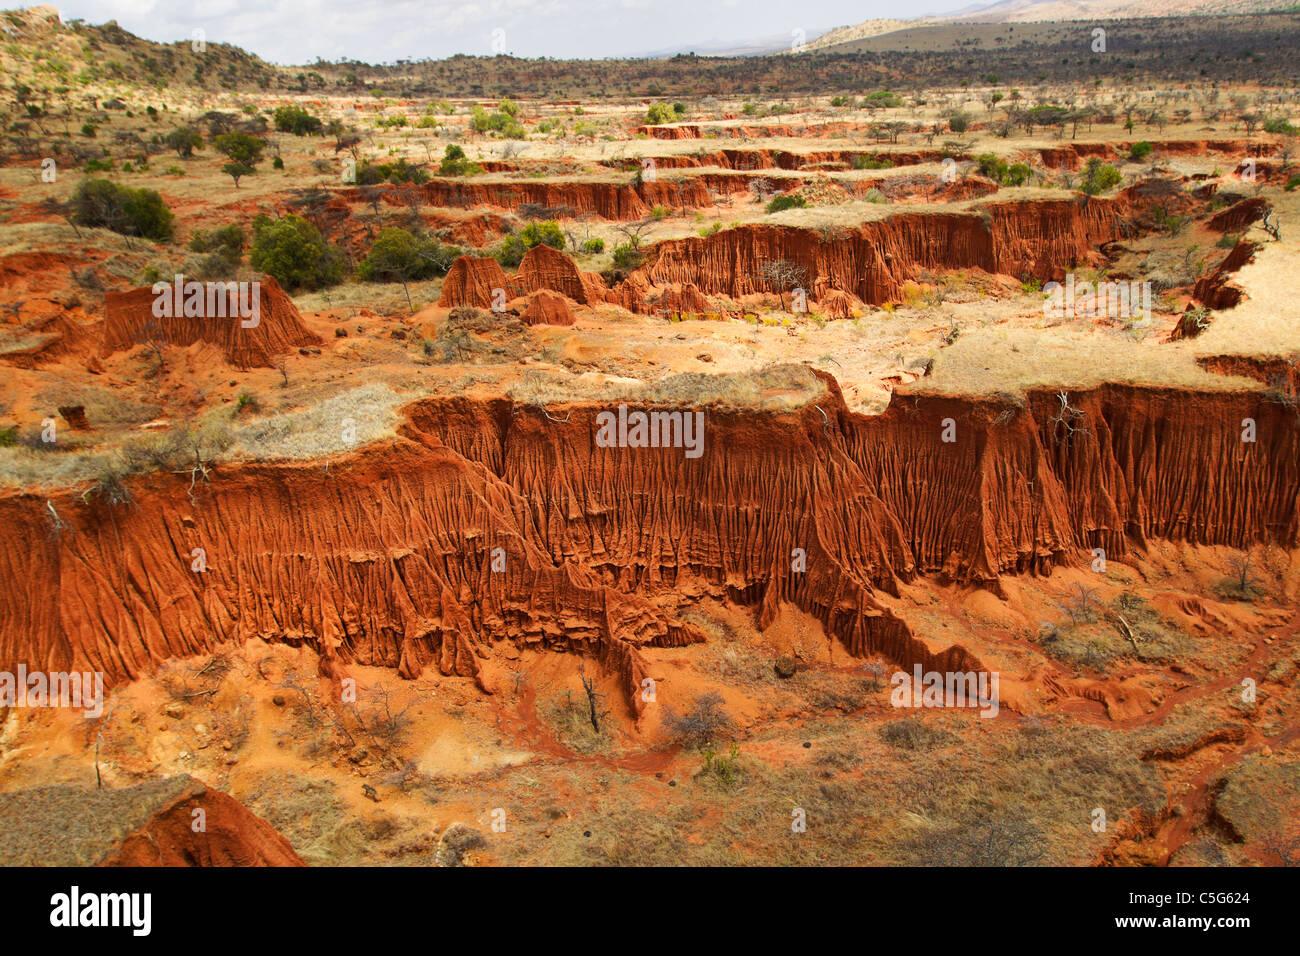 Soil erosion creates intricate patterns,Kenya - Stock Image